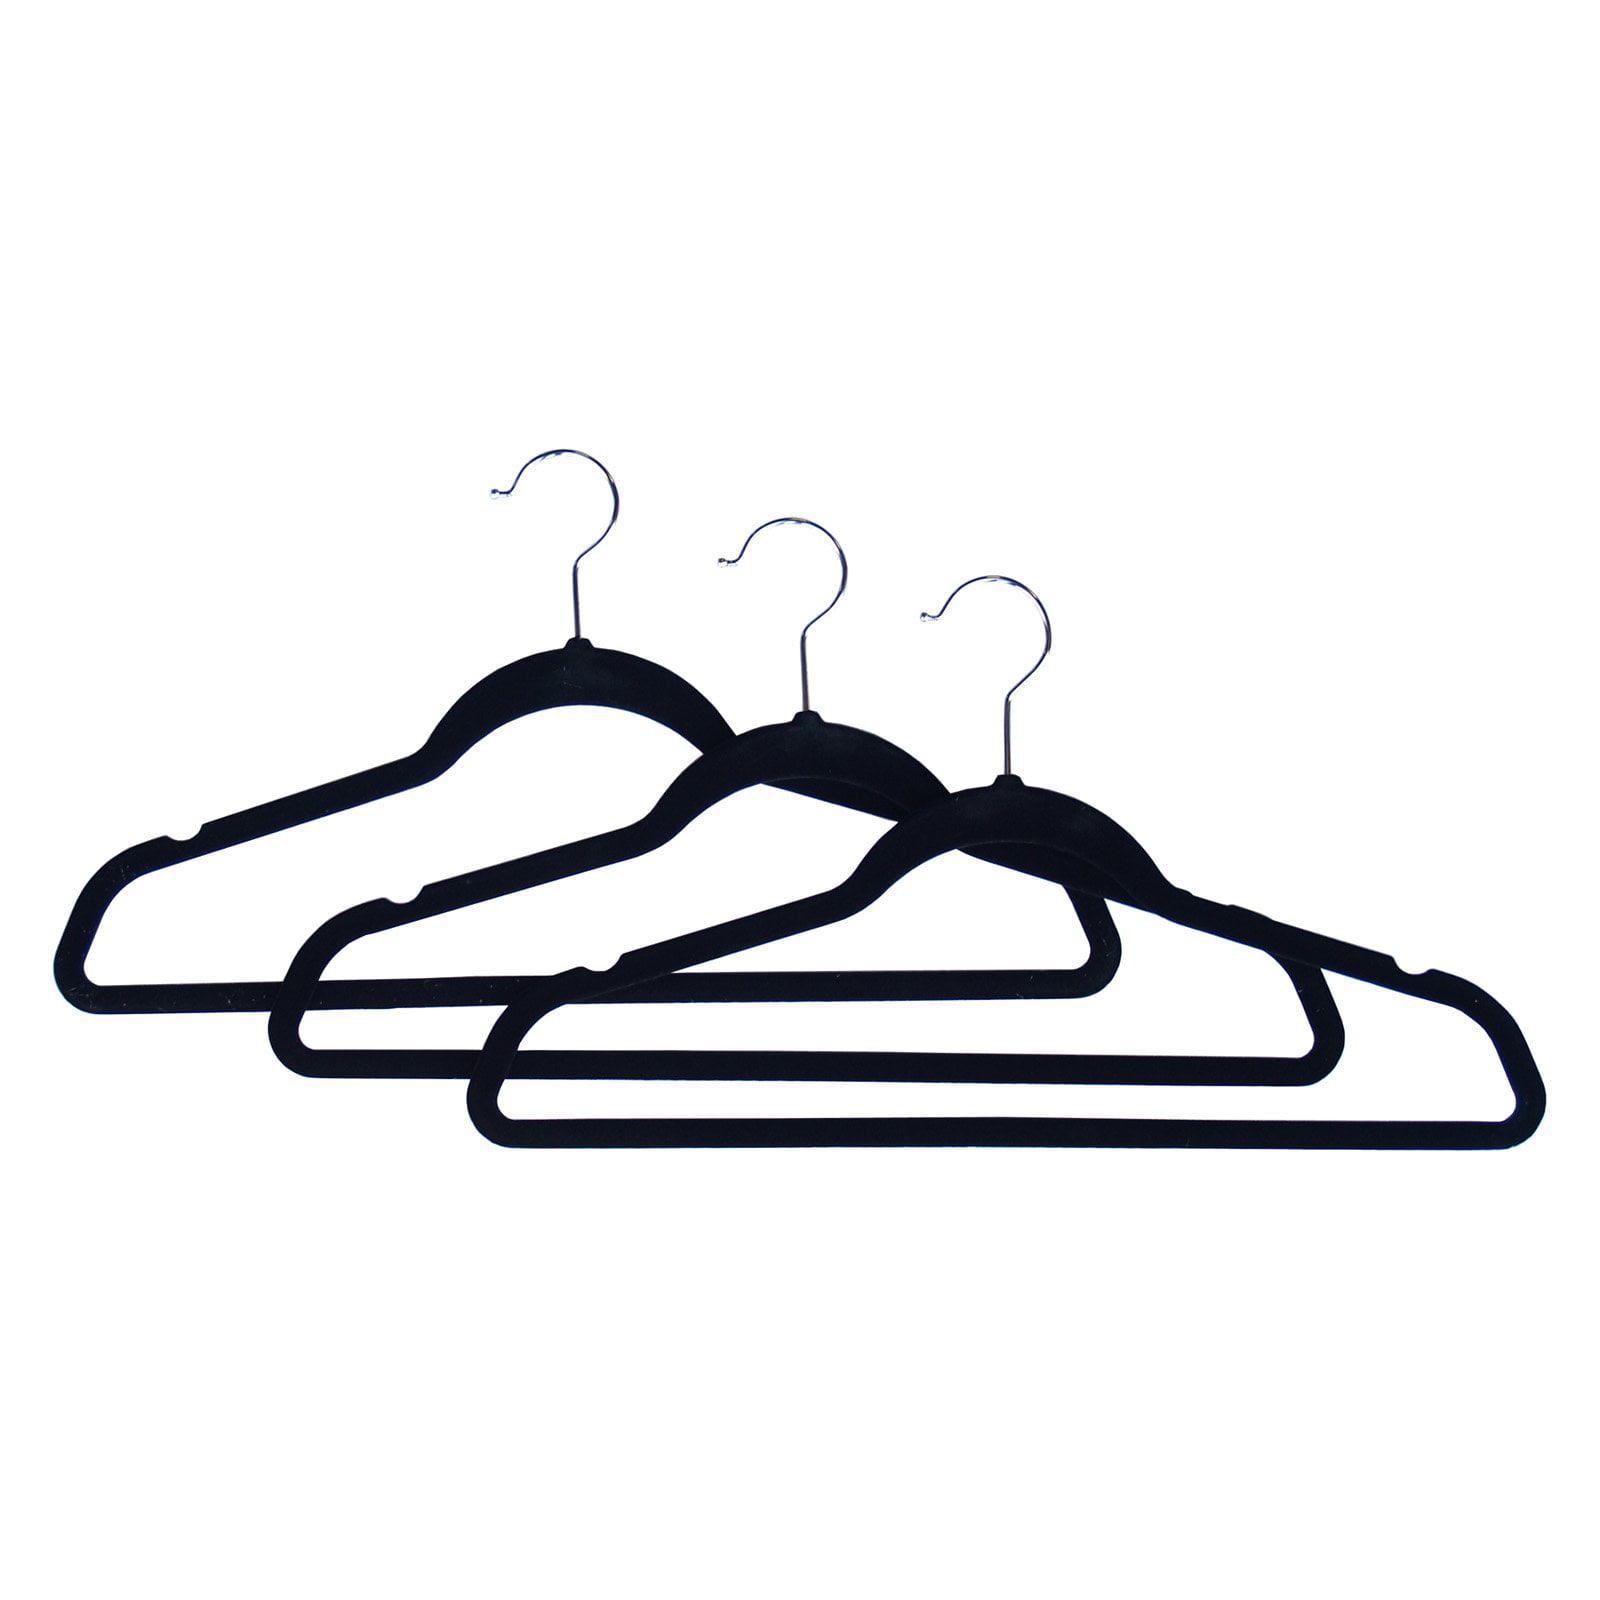 Proman Velvet Plastic Huggable Suit Hanger - 50 Pieces